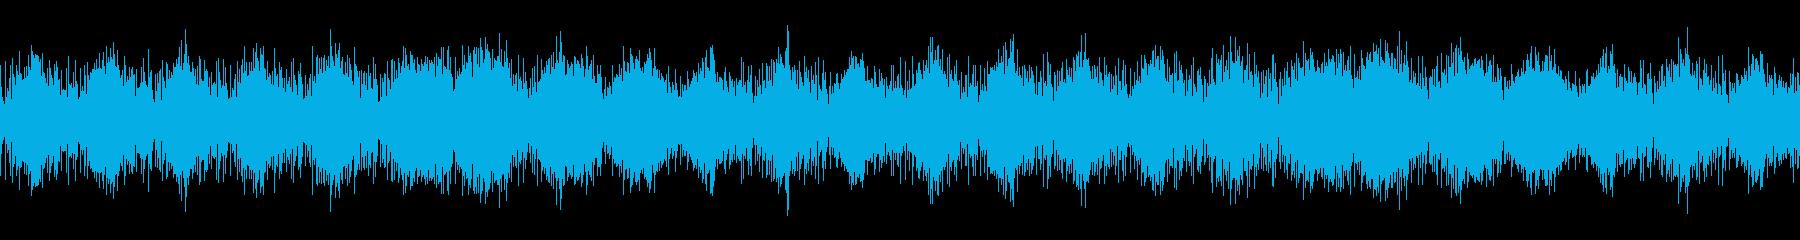 【ドラム抜き】浮遊感のあるアンビエント…の再生済みの波形